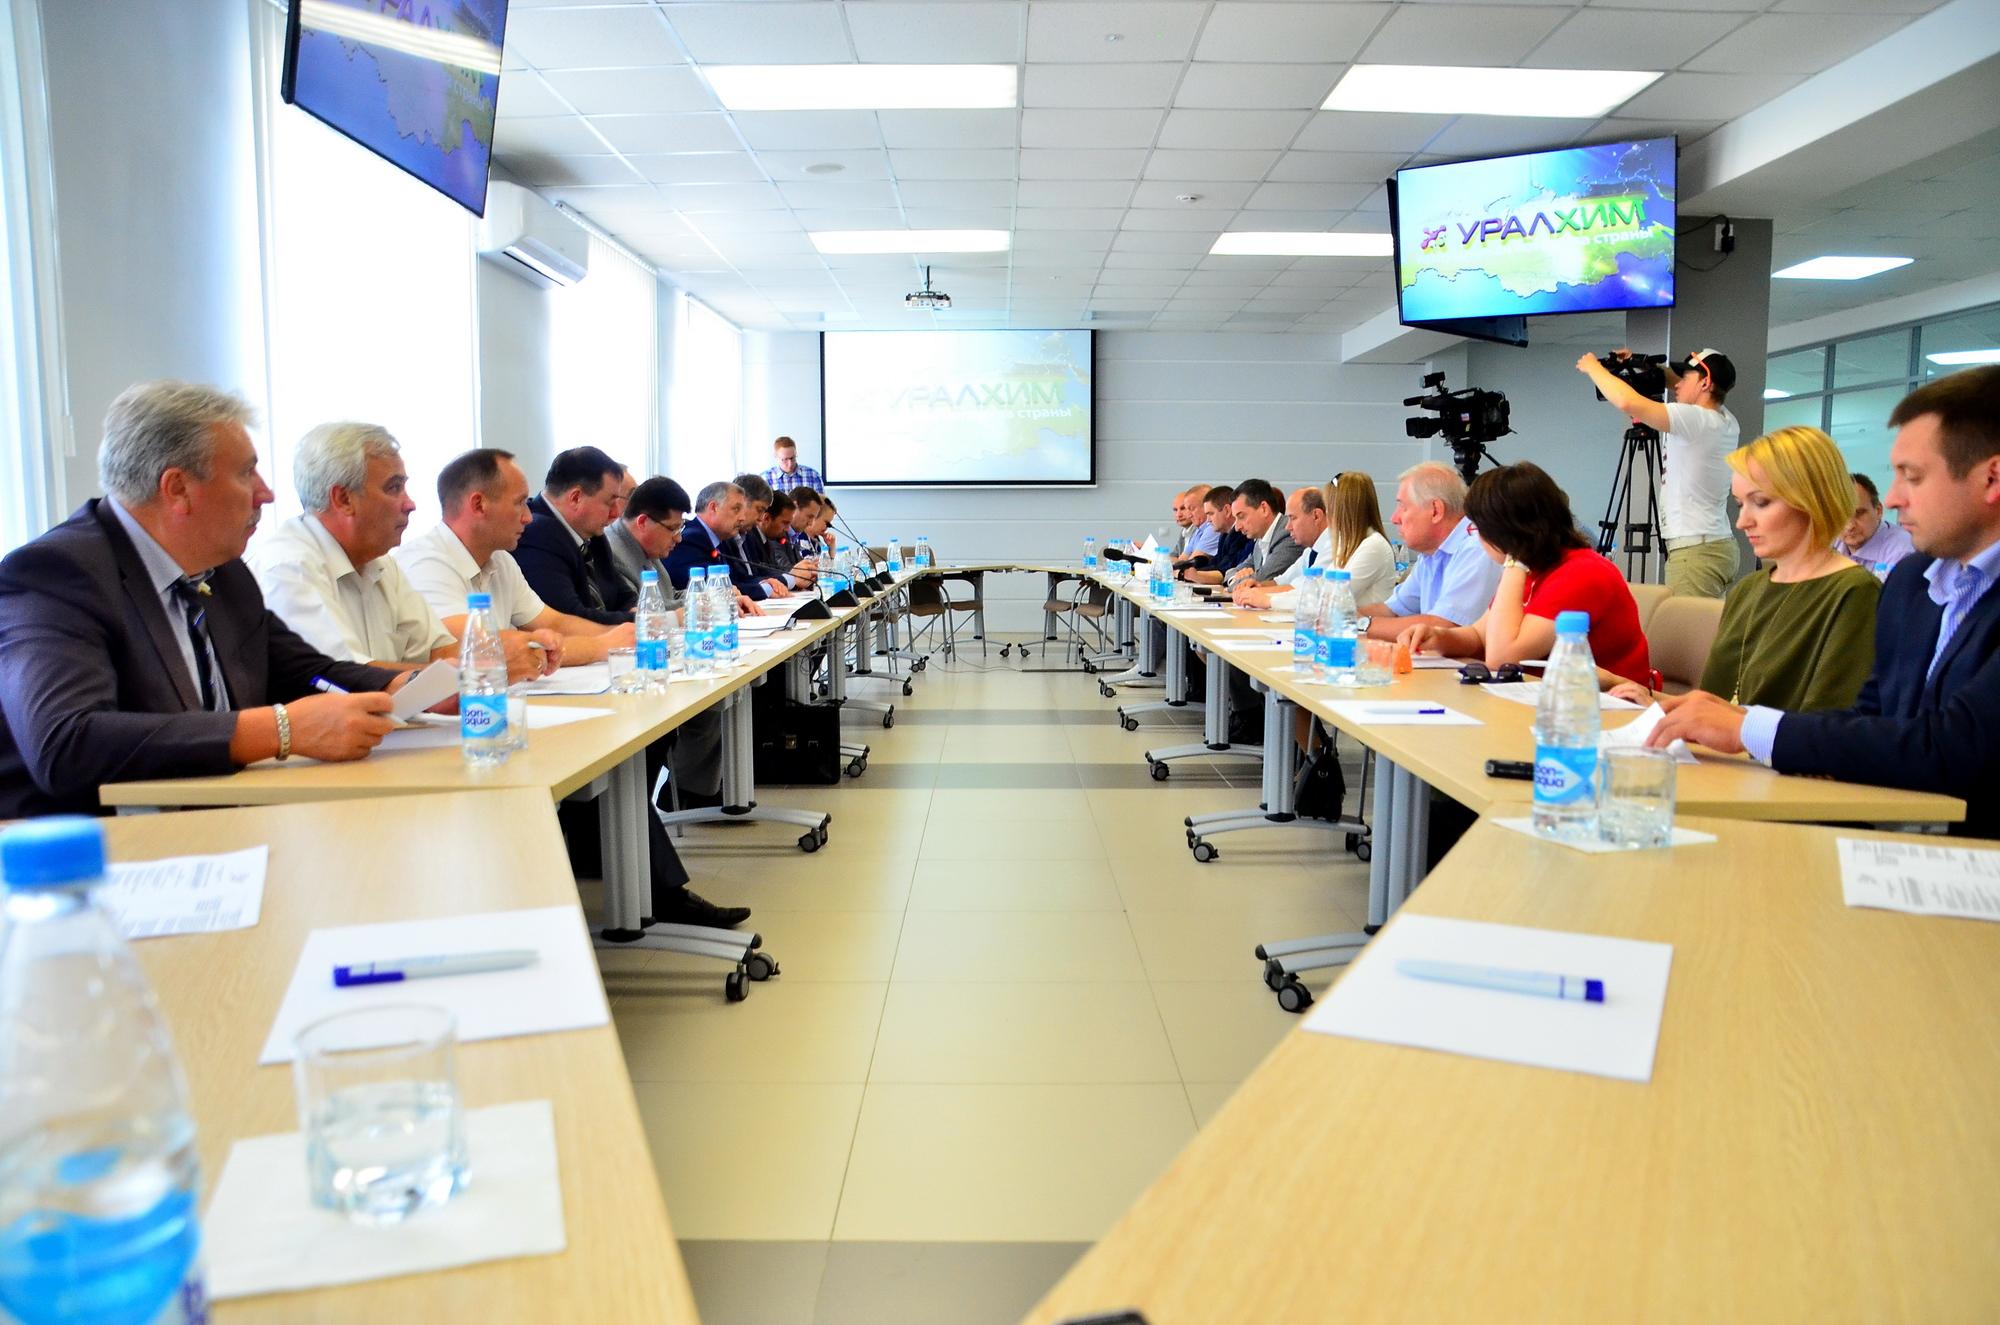 В филиале «УРАЛХИМ» прошло выездное заседание комитета и комиссии Законодательного Собрания Кировской области